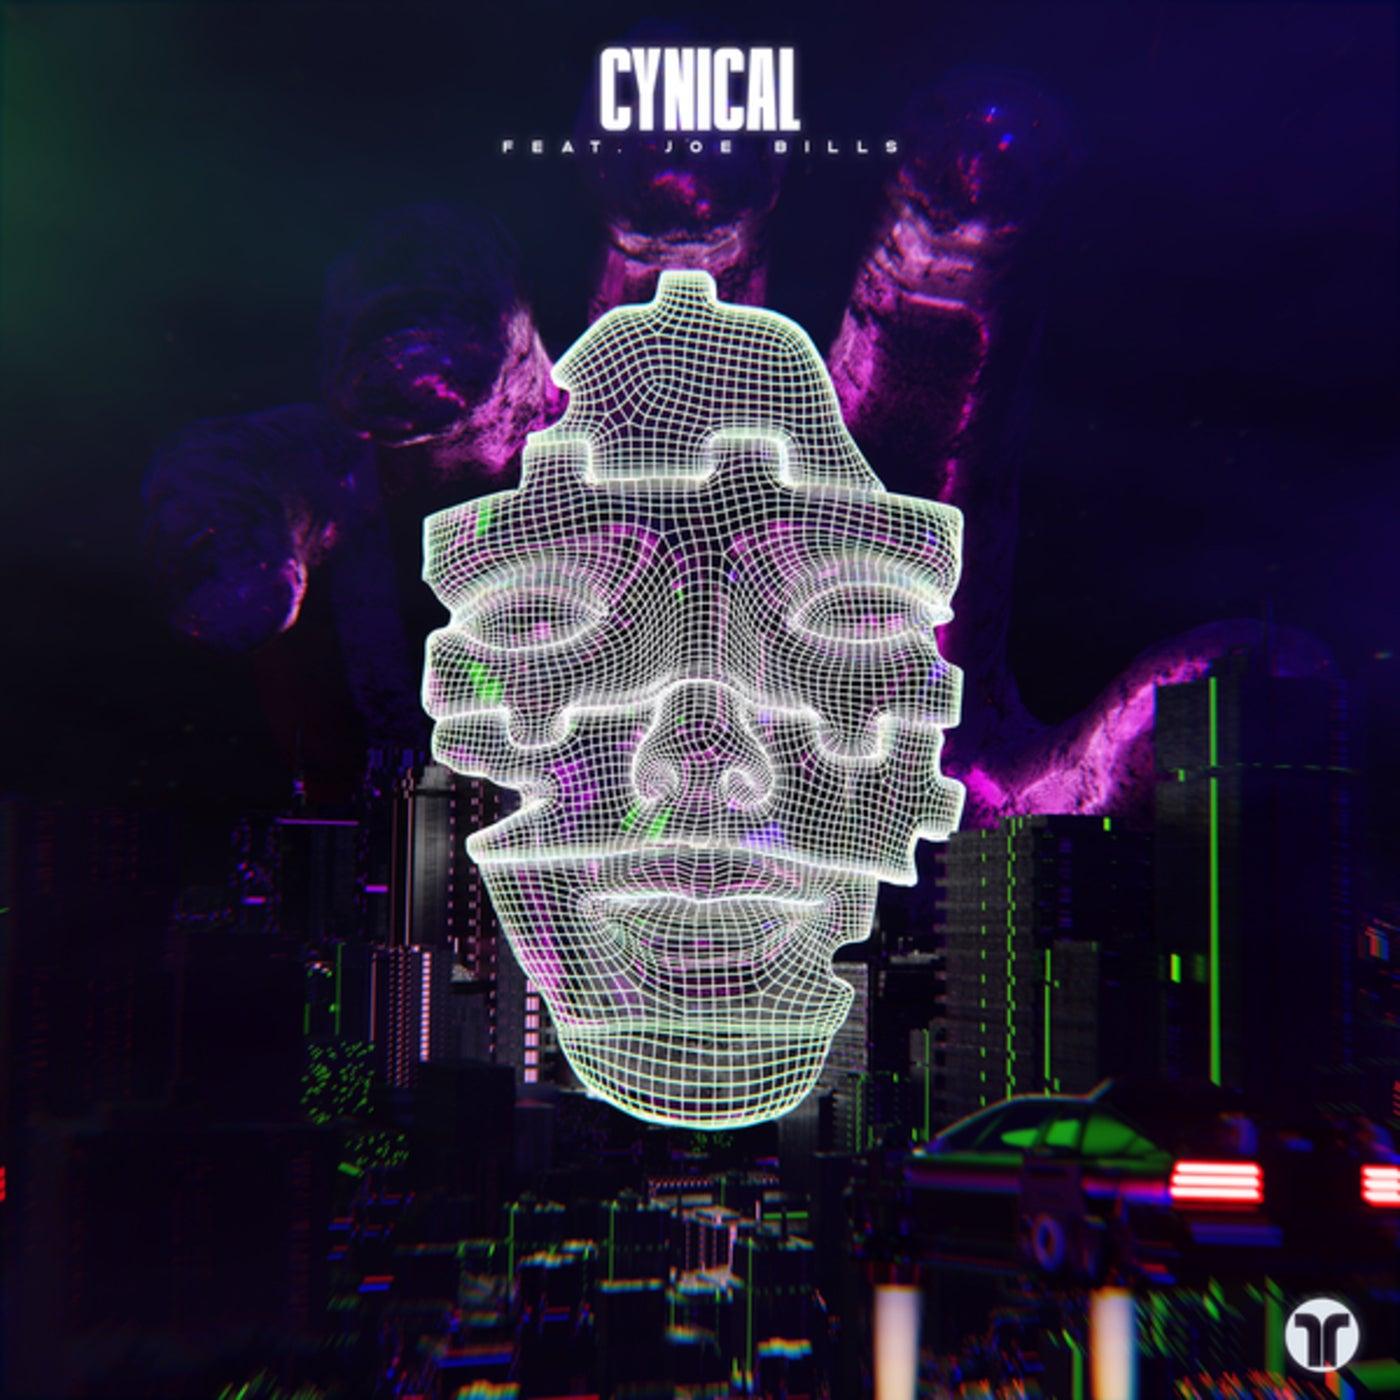 CYNICAL (Original Mix)